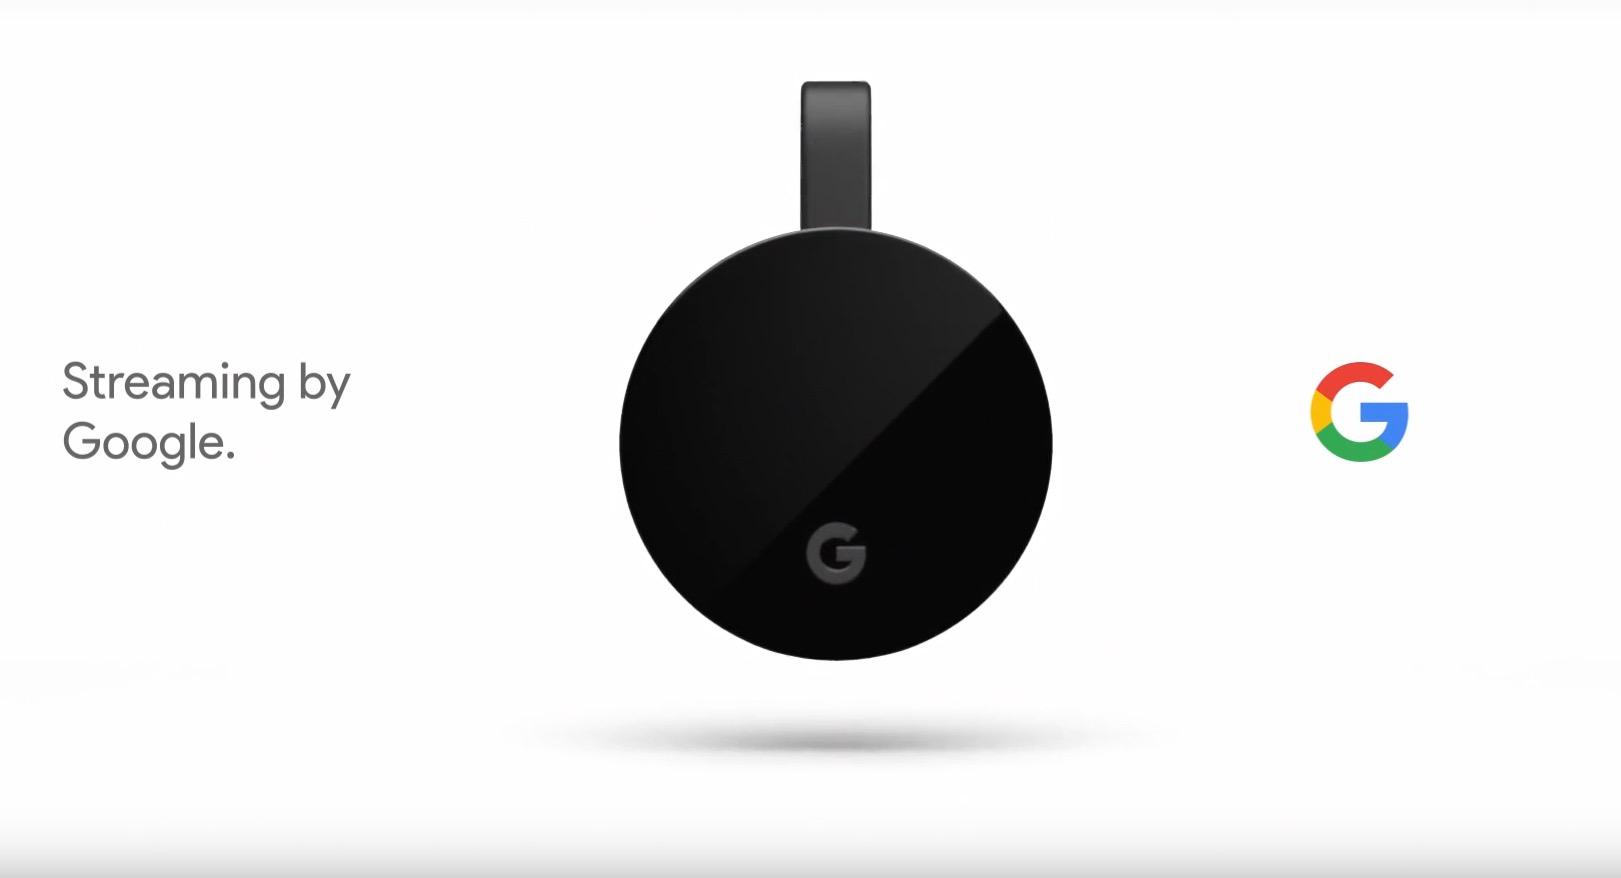 Google Chromecast Ultra: specifiche tecniche, prezzo e uscita